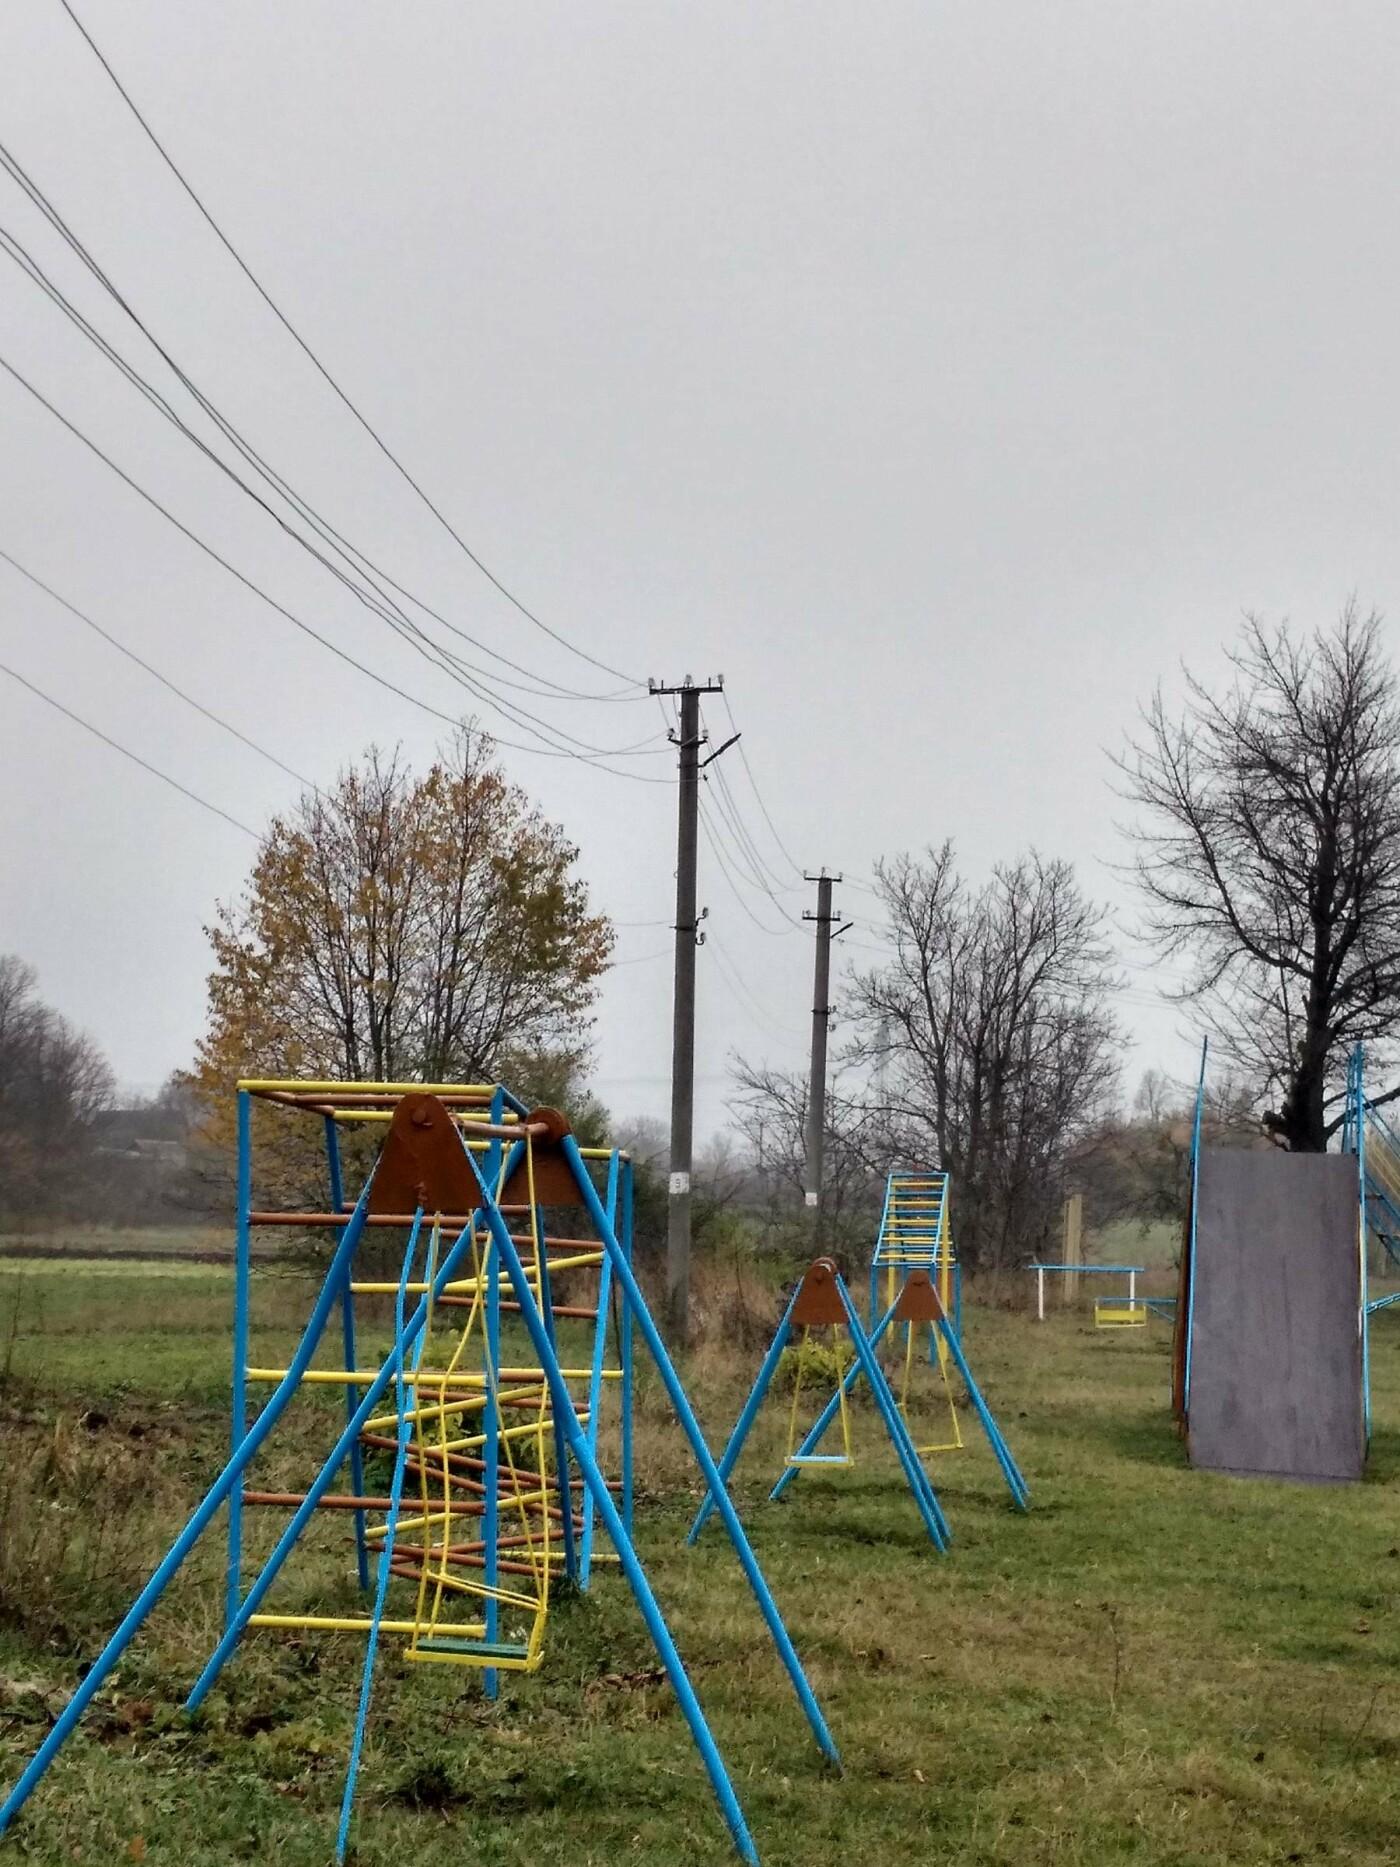 ОТГ Хмельниччини використали понад 167 тисяч гривень на формування інфраструктури, фото-2